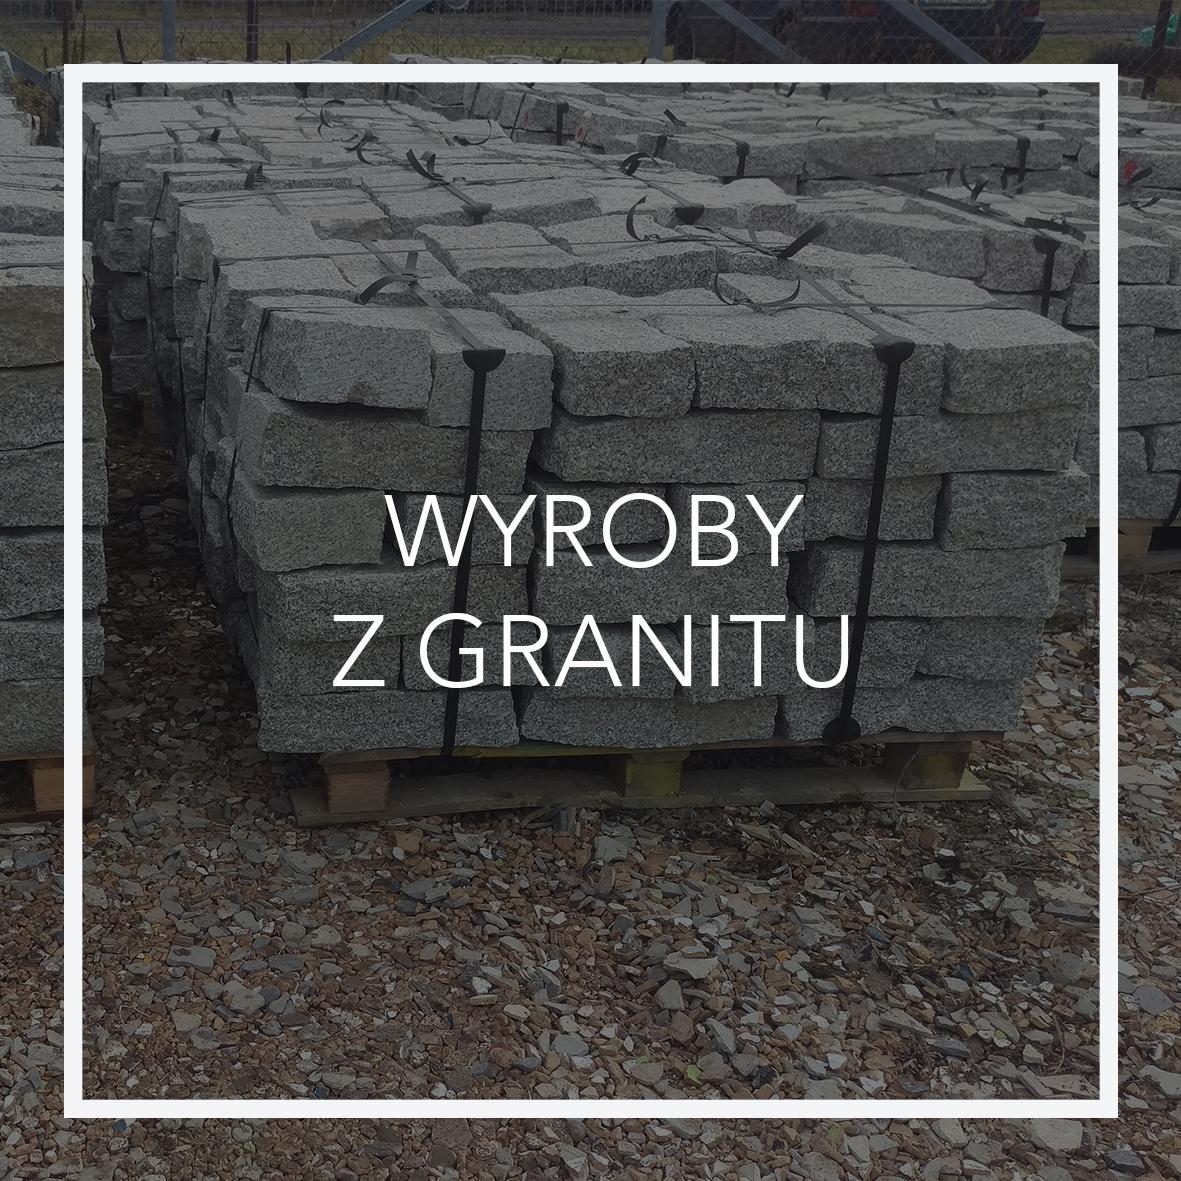 WYROBY Z GRANITU_2